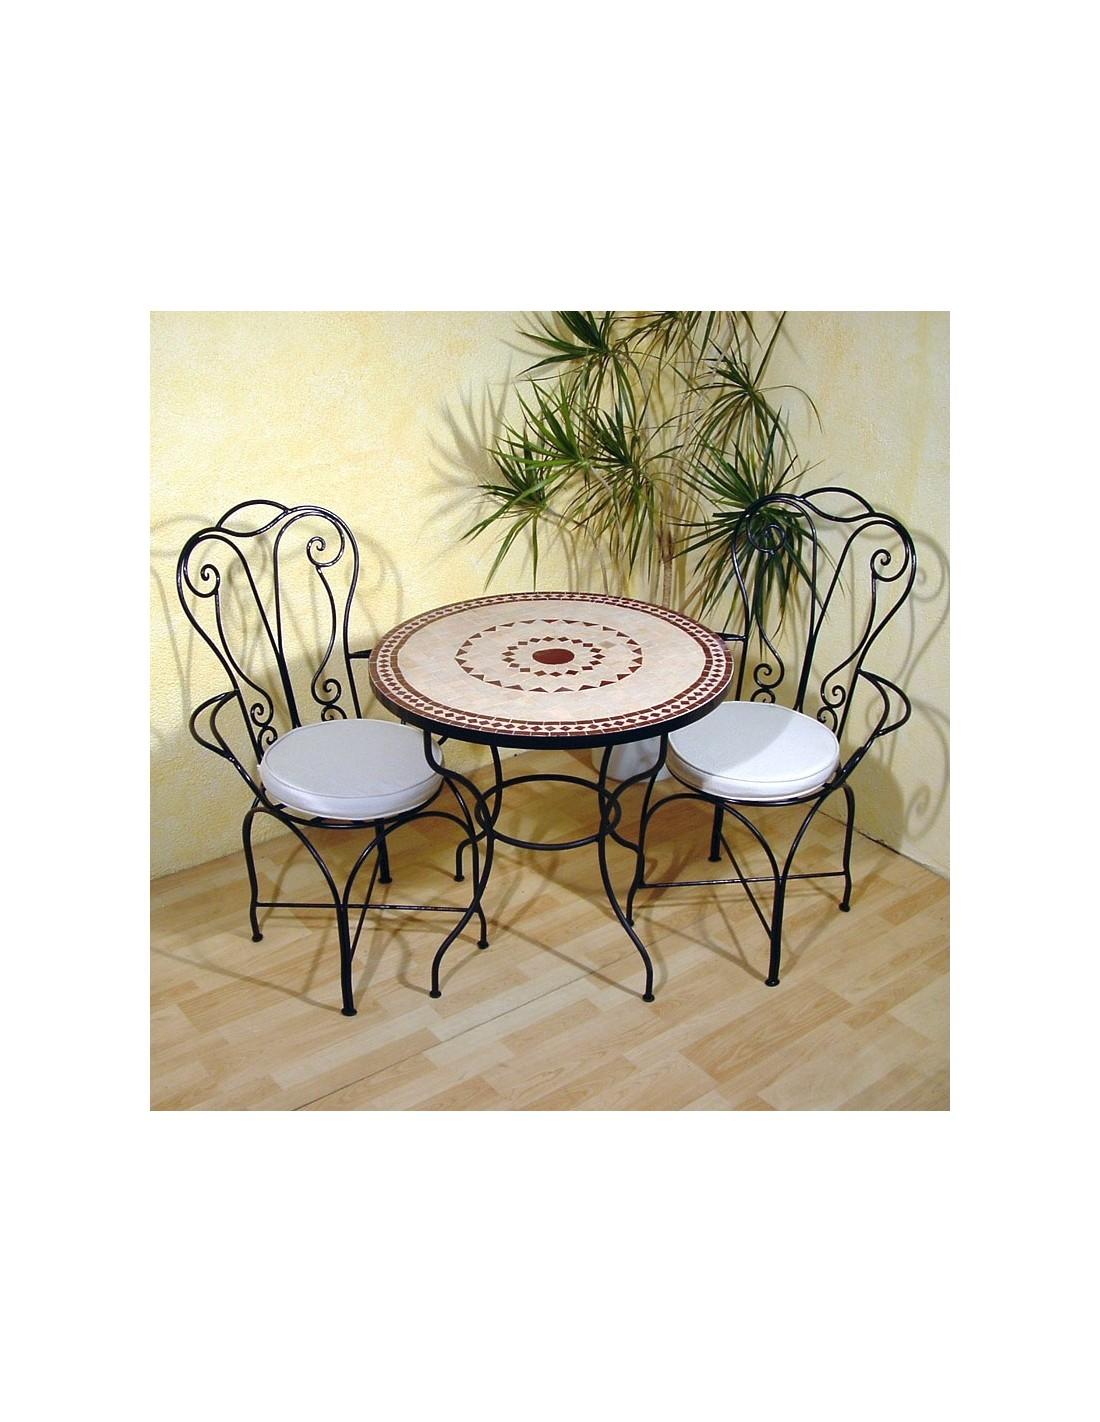 mosaiktisch ronu 80cm rund marke albena marokko galerie. Black Bedroom Furniture Sets. Home Design Ideas